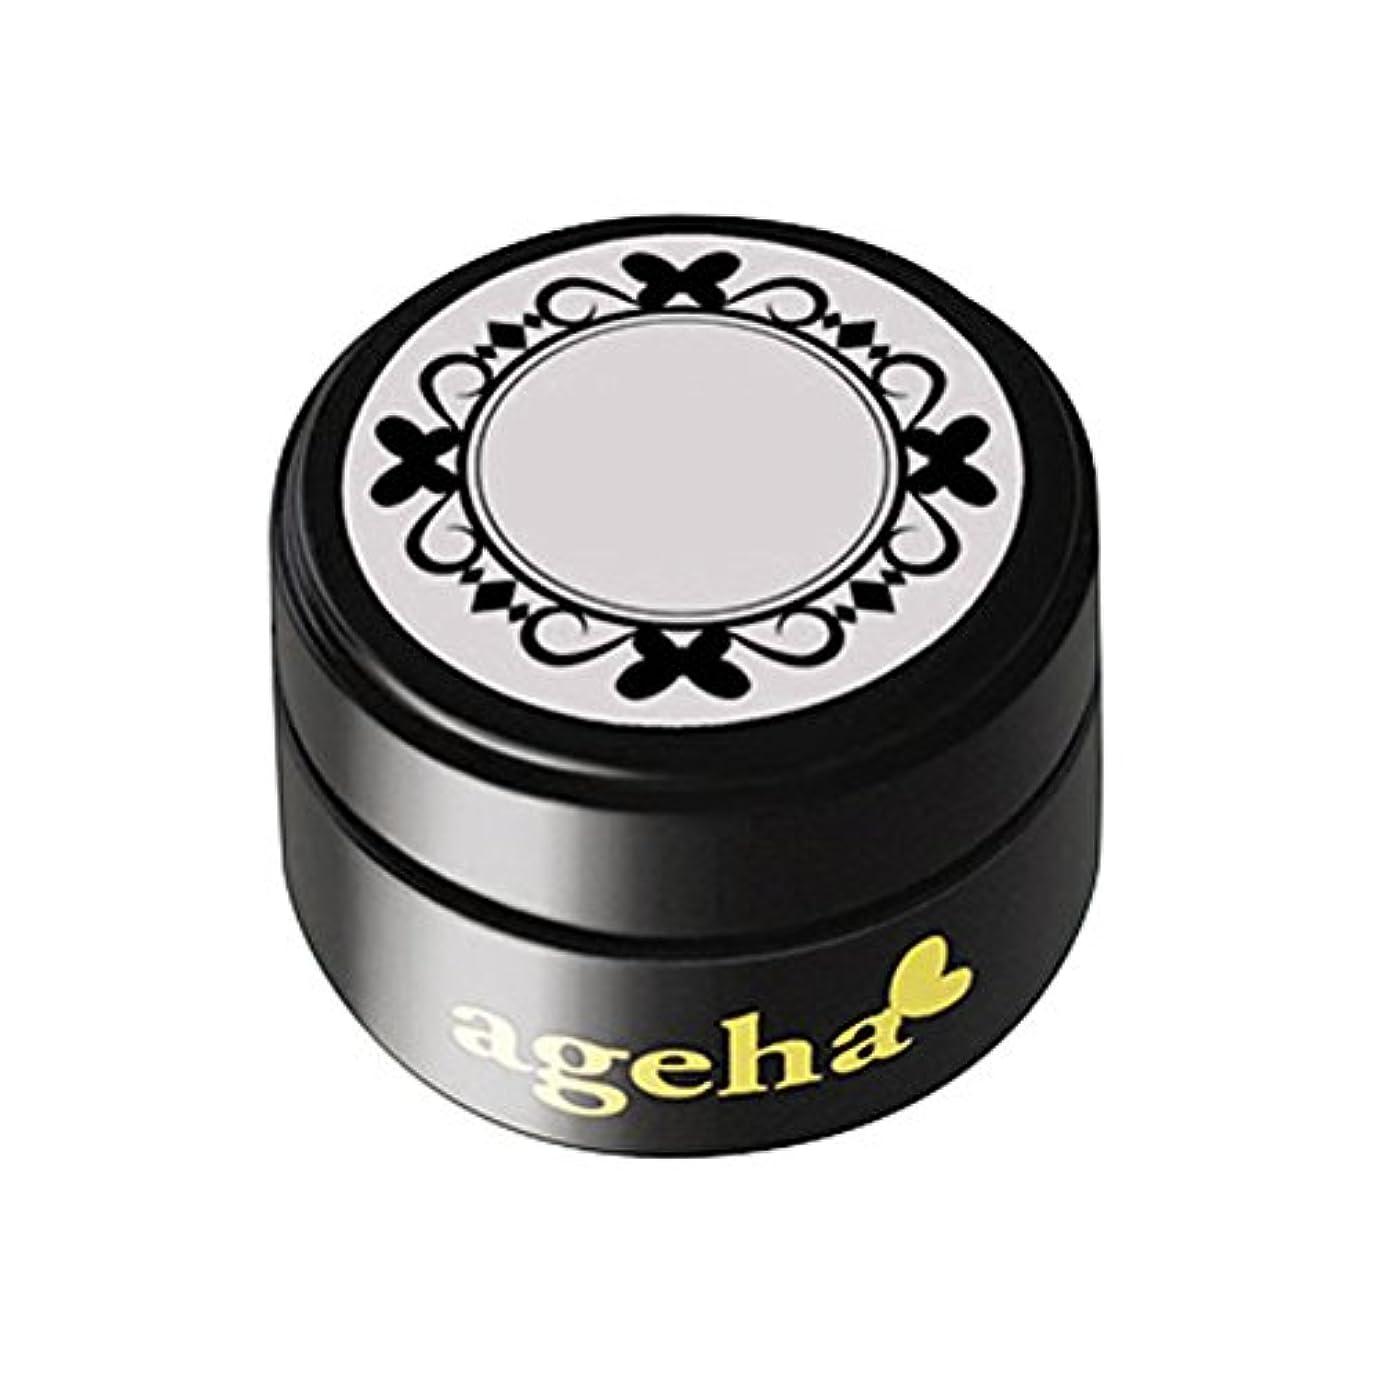 皮倉庫感覚ageha gel カラージェル コスメカラー 216 ノスタルジー 2.7g UV/LED対応